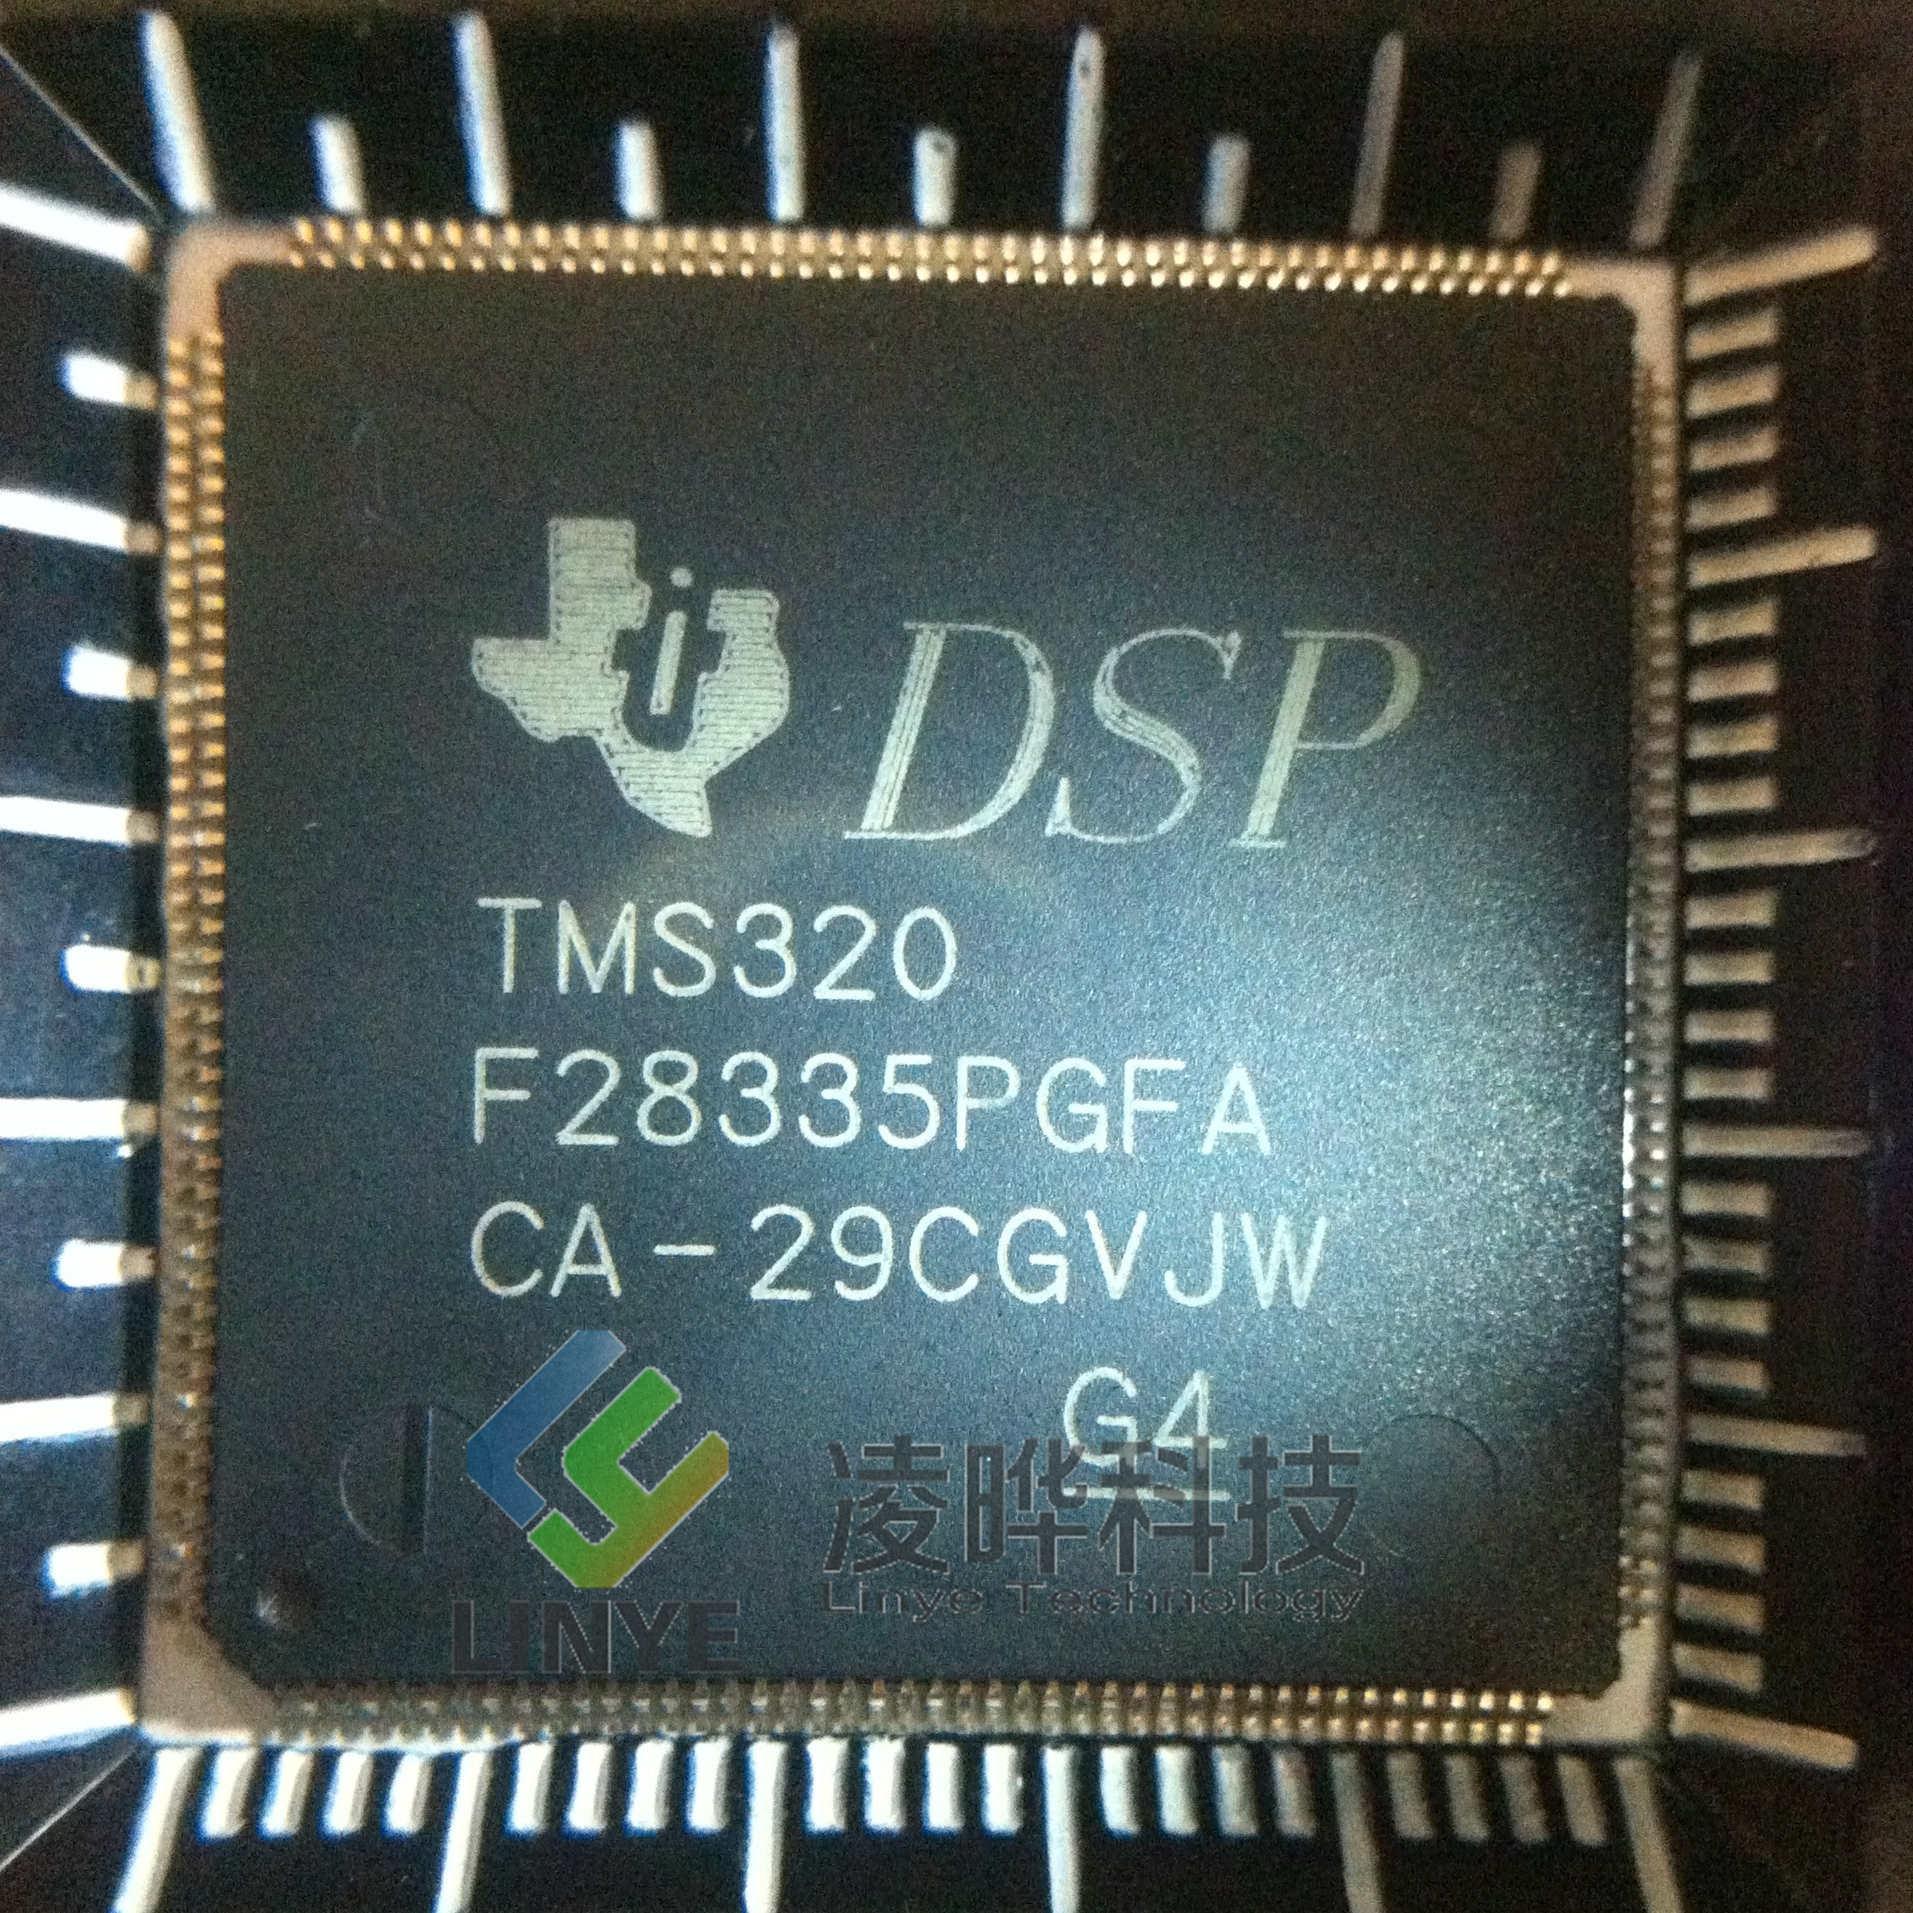 集成电路ic ti/德州仪器 tms320f28335pgfa 32位微控制器 qfp